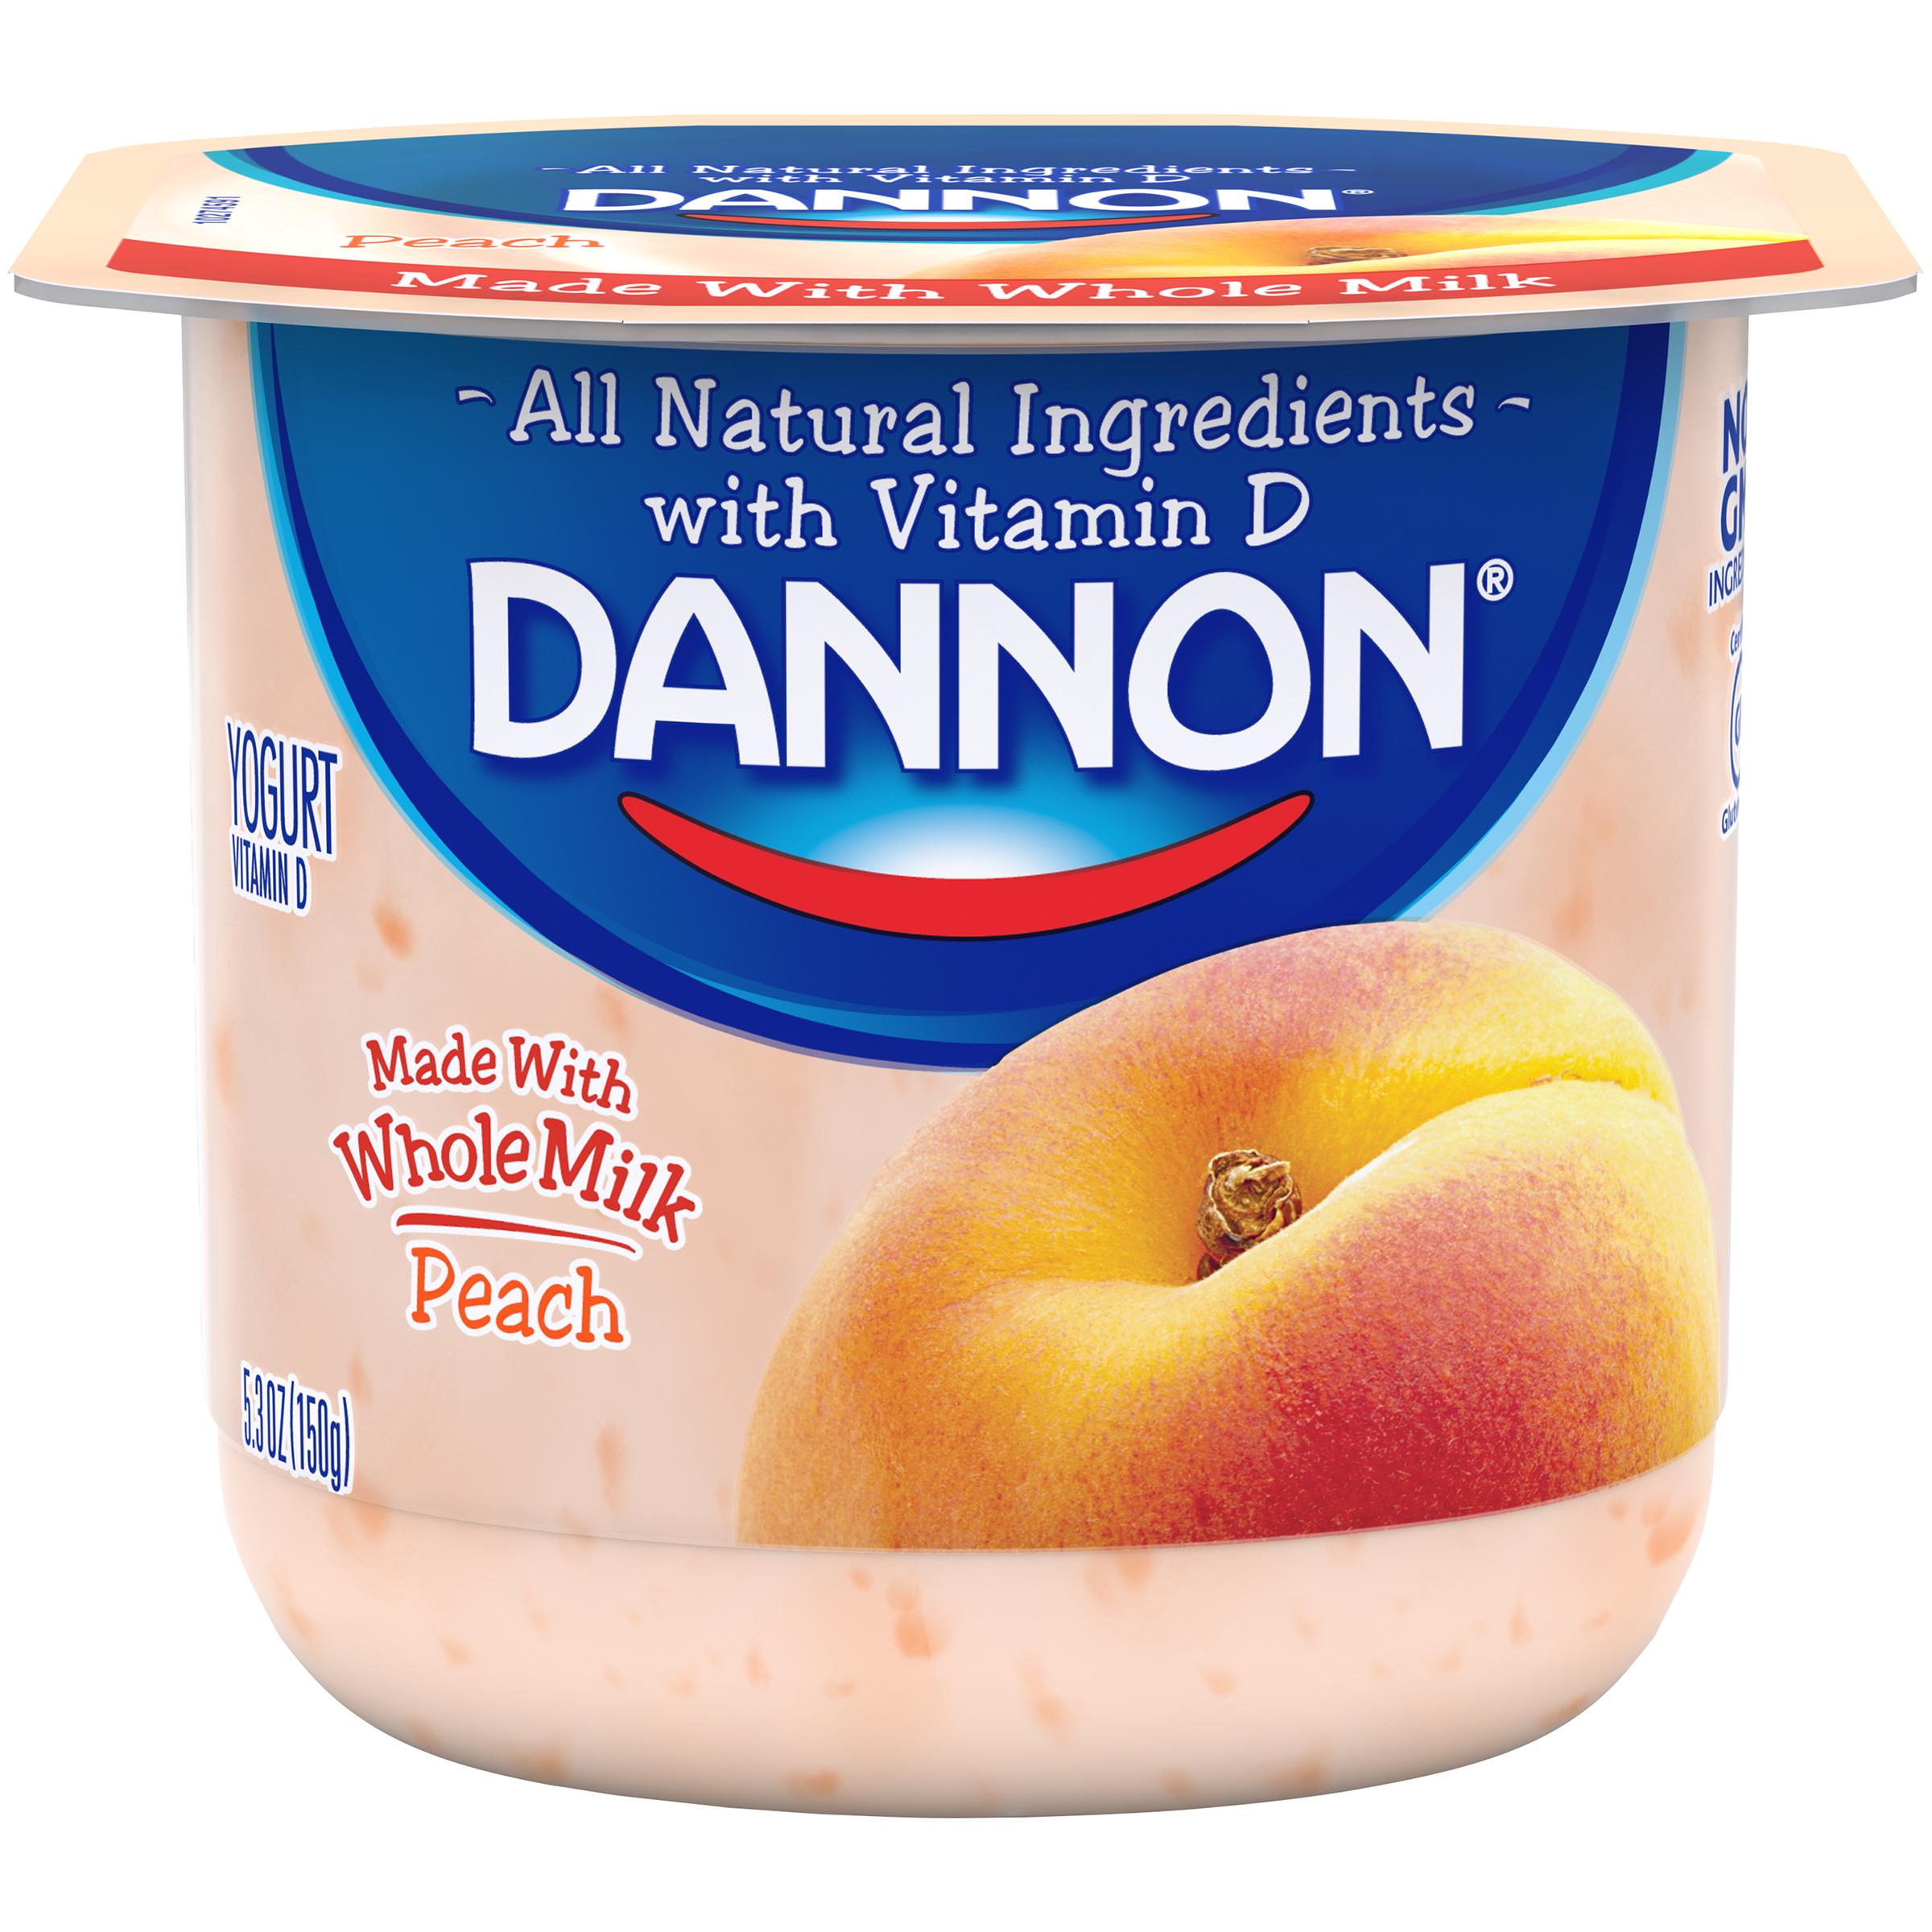 I LOVE Dannon's Pledge to Naturality #KnowYourYogurt